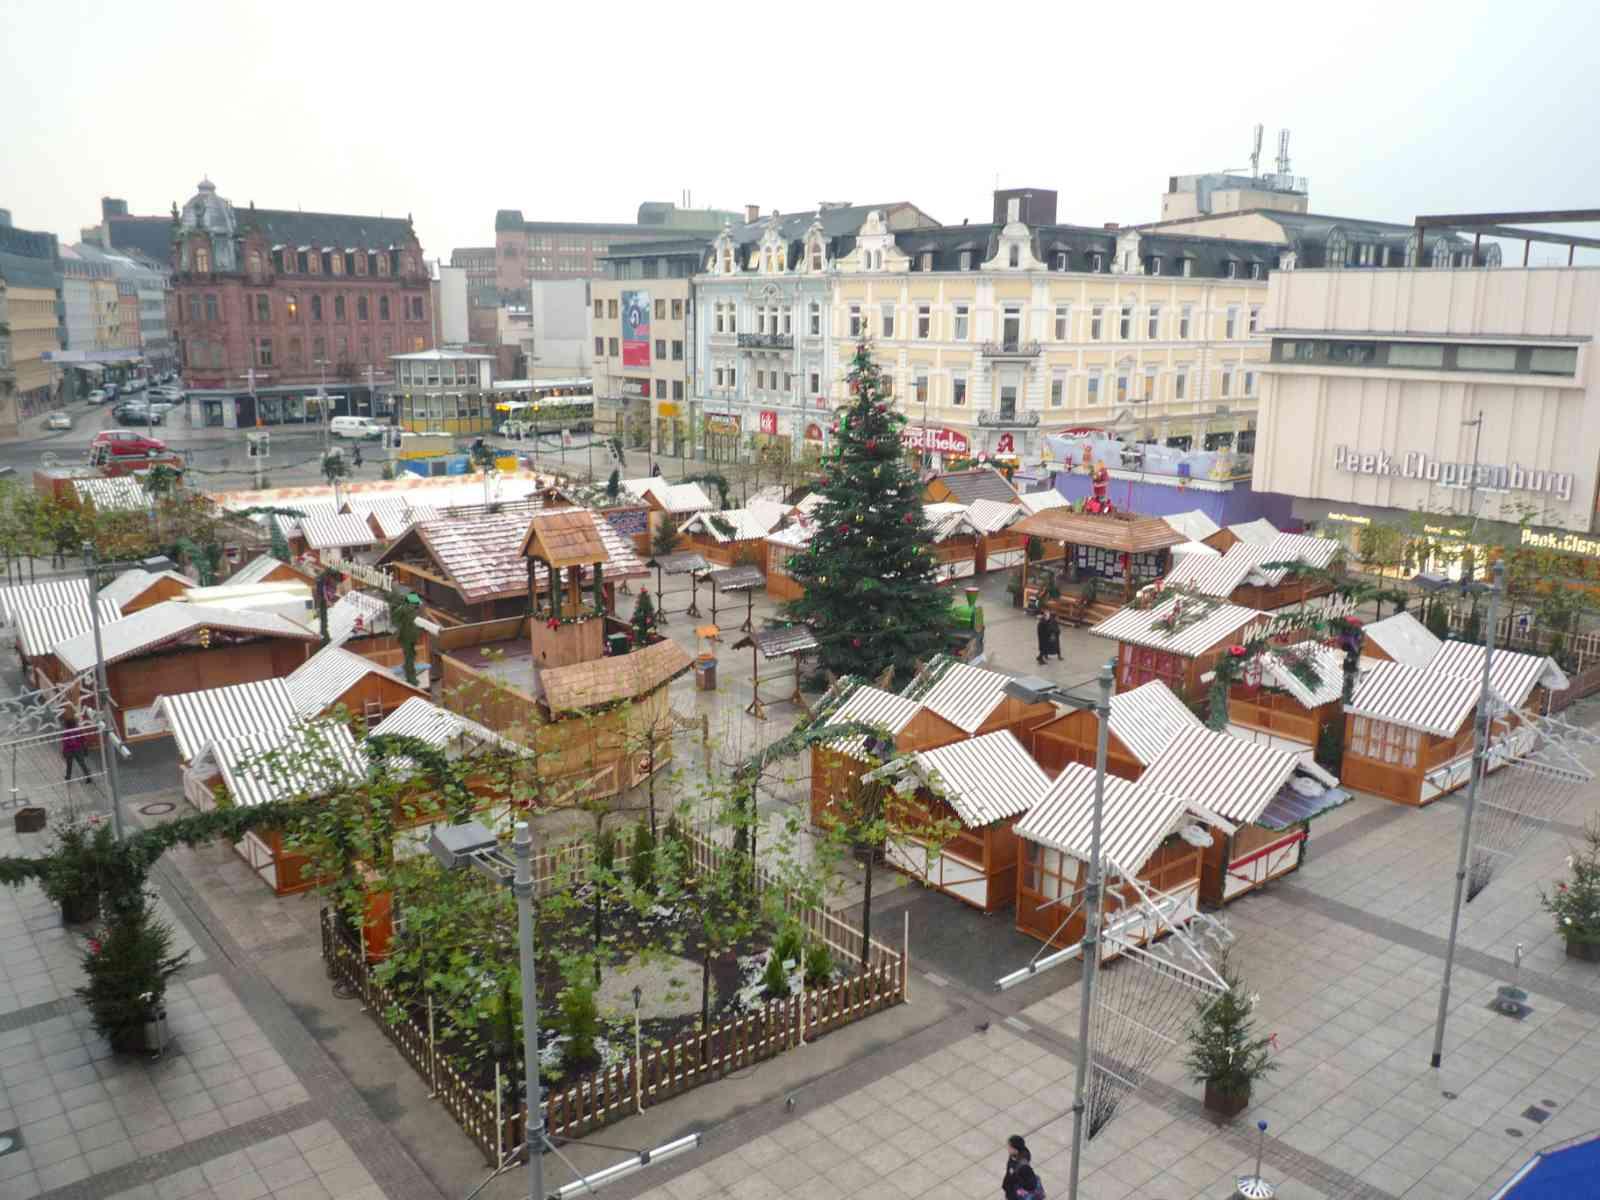 059-Adventsmarkt